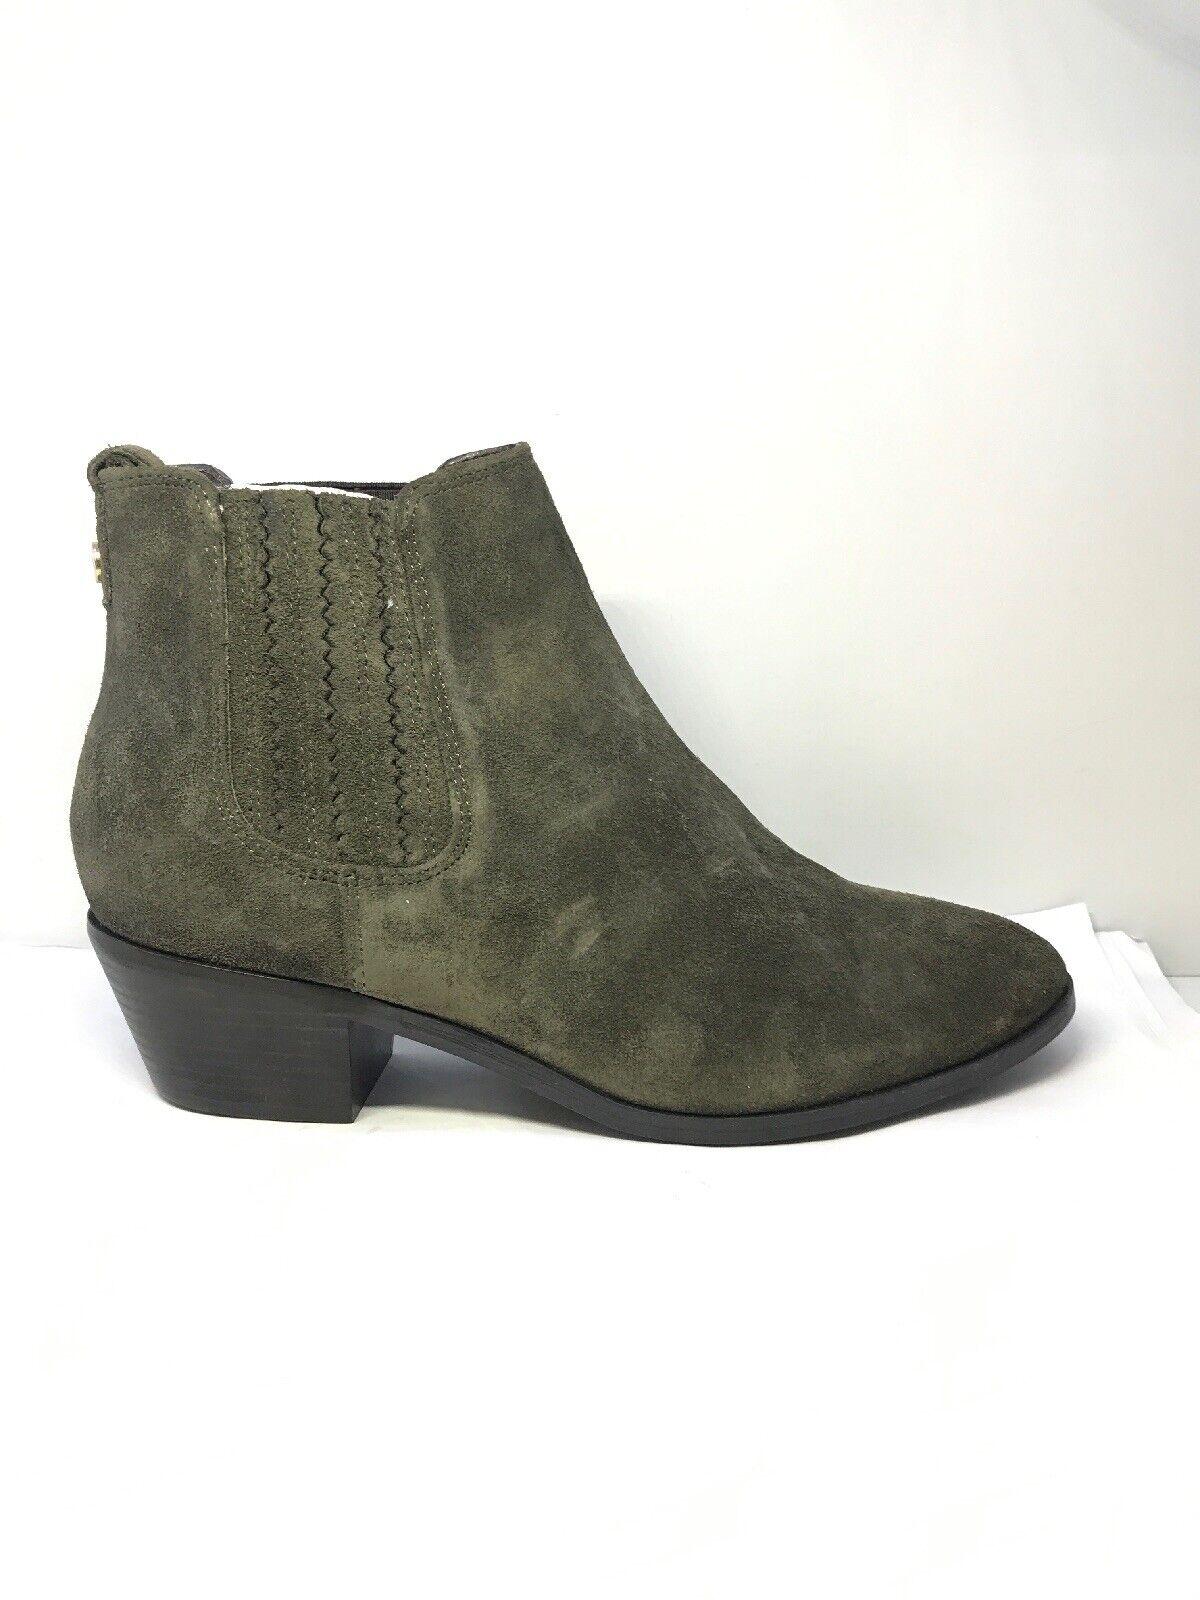 Ankle Western Olive damen Geiger Kurt Carvela 133 P1 Stiefel